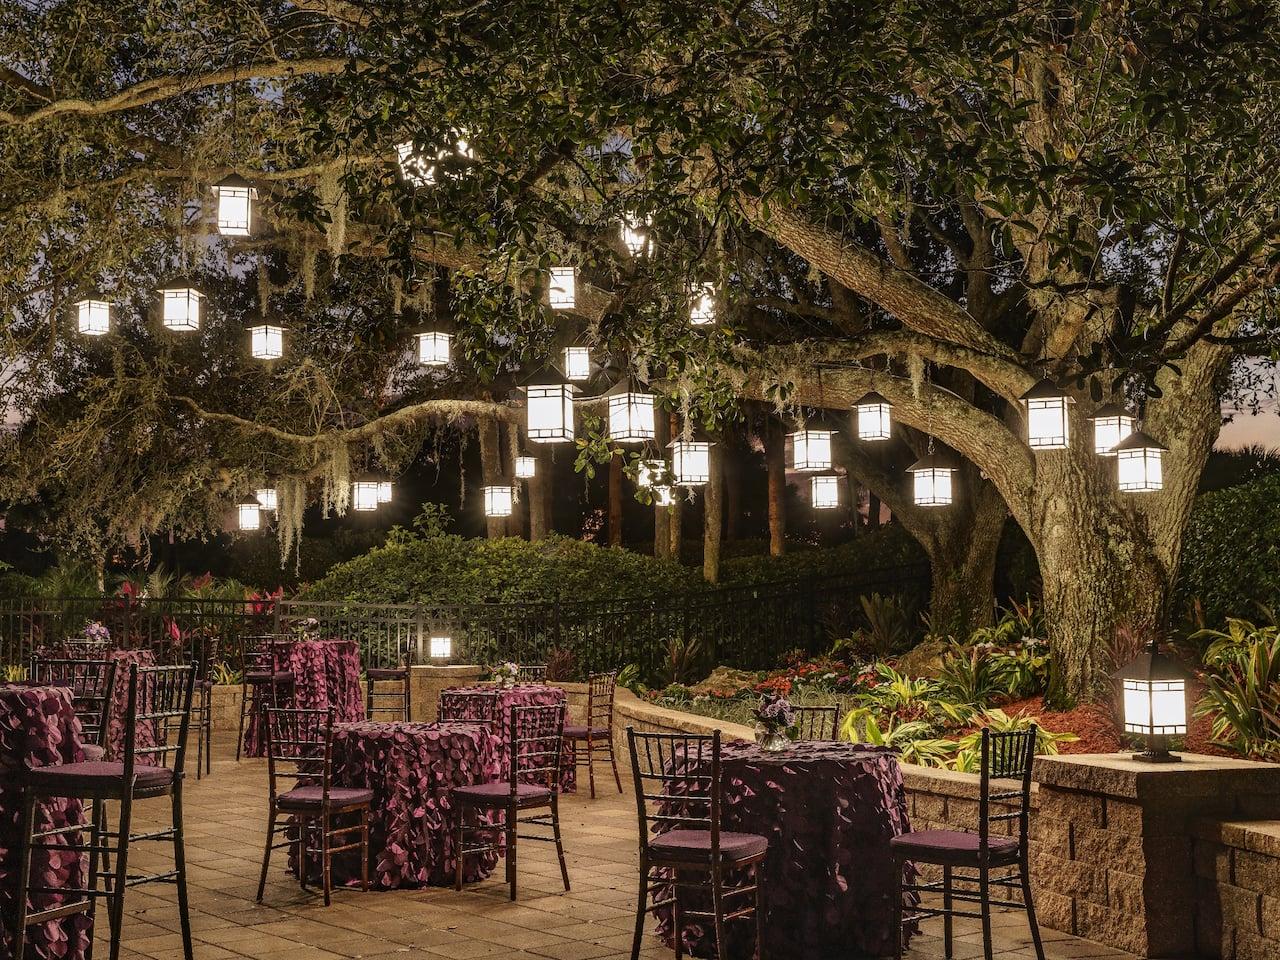 Hyatt Regency Grand Cypress Outdoor Wedding reception